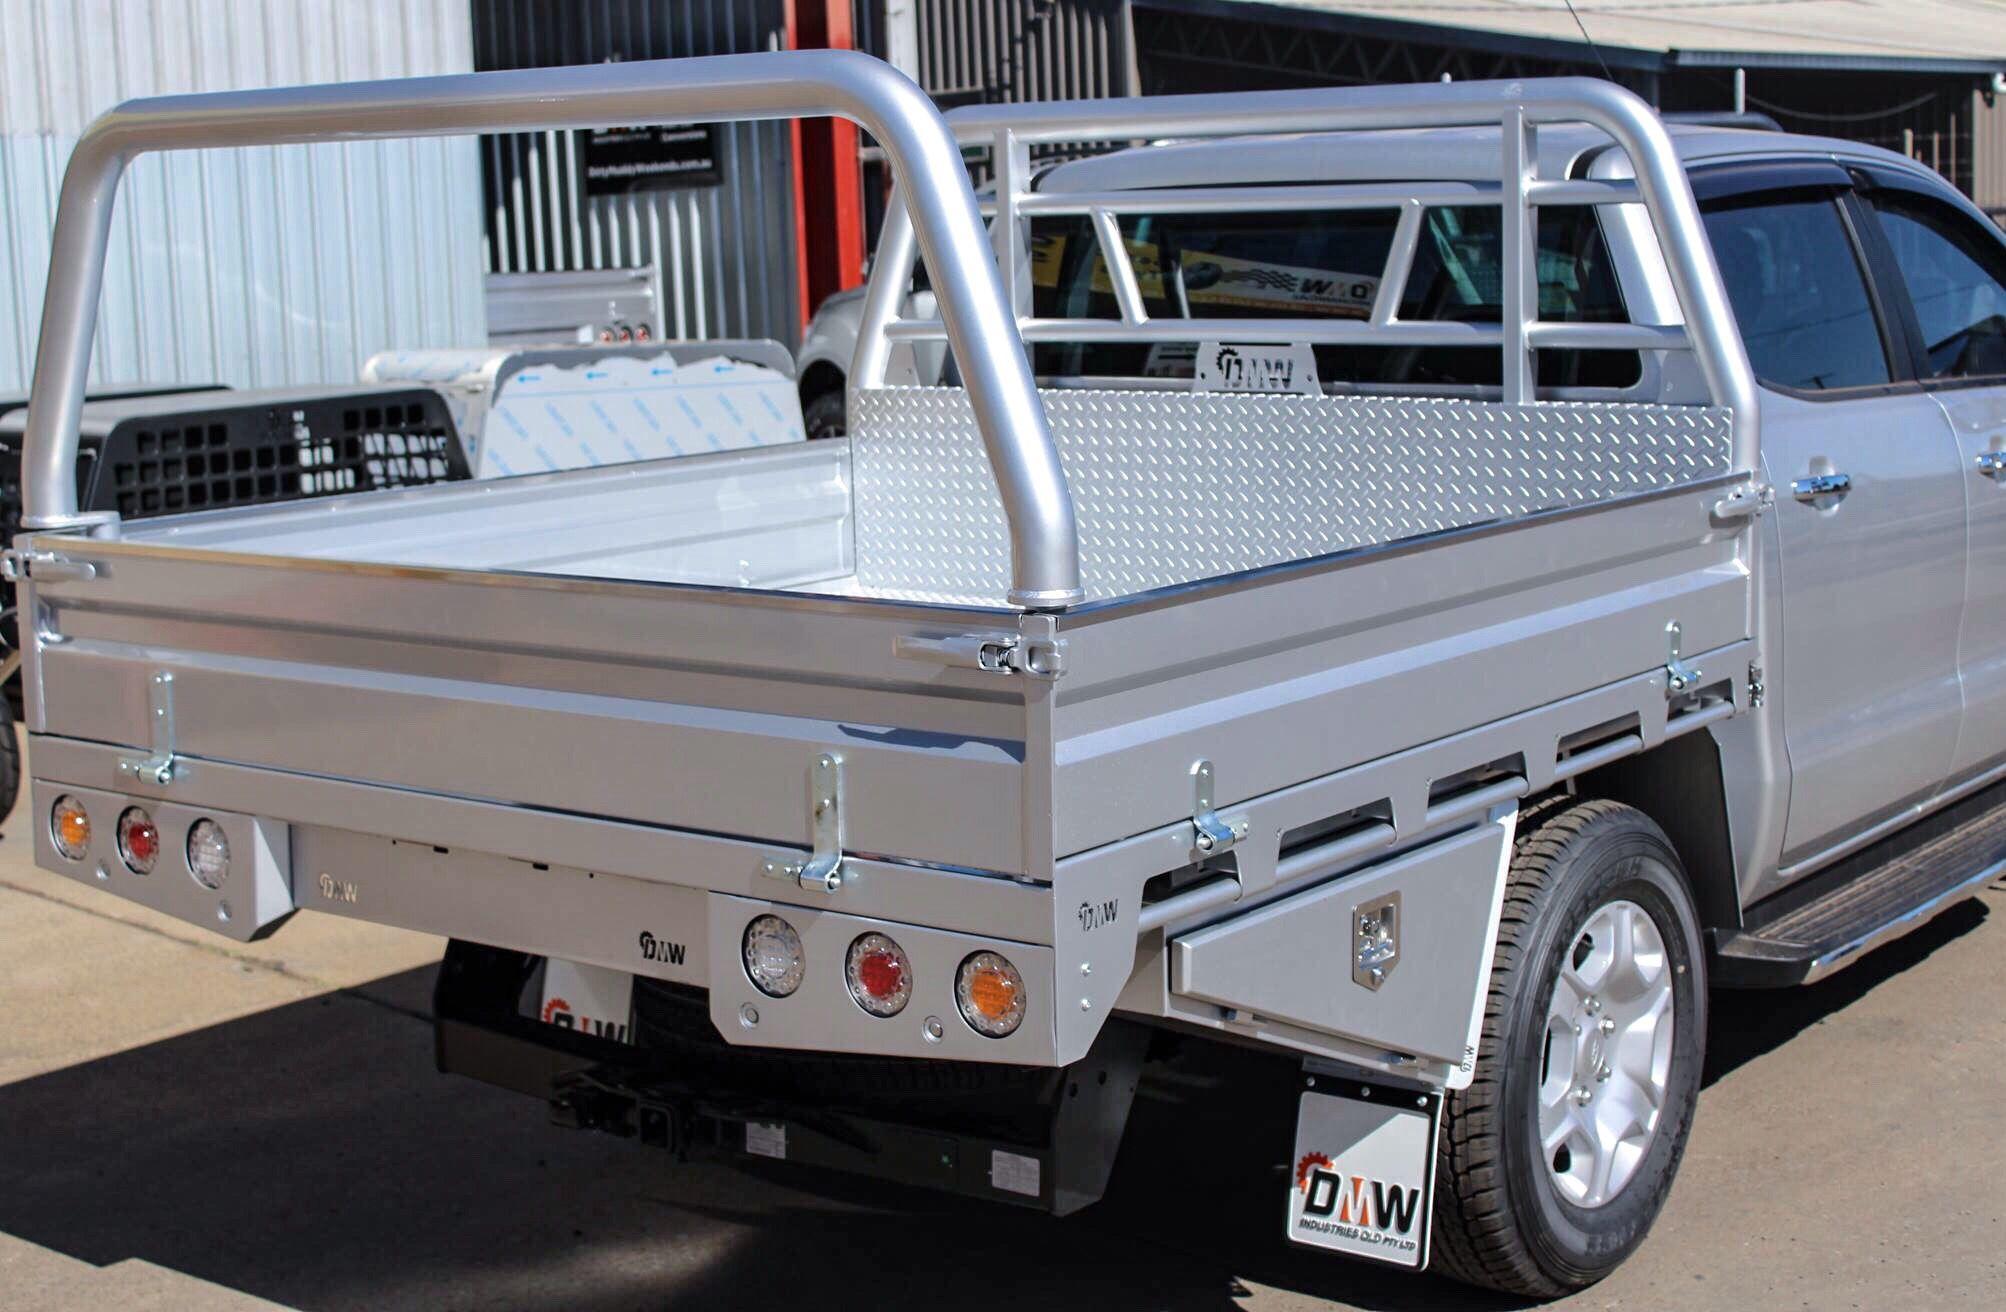 Dmw Premium Steel Tray Ute Trays Ford Ranger Ute